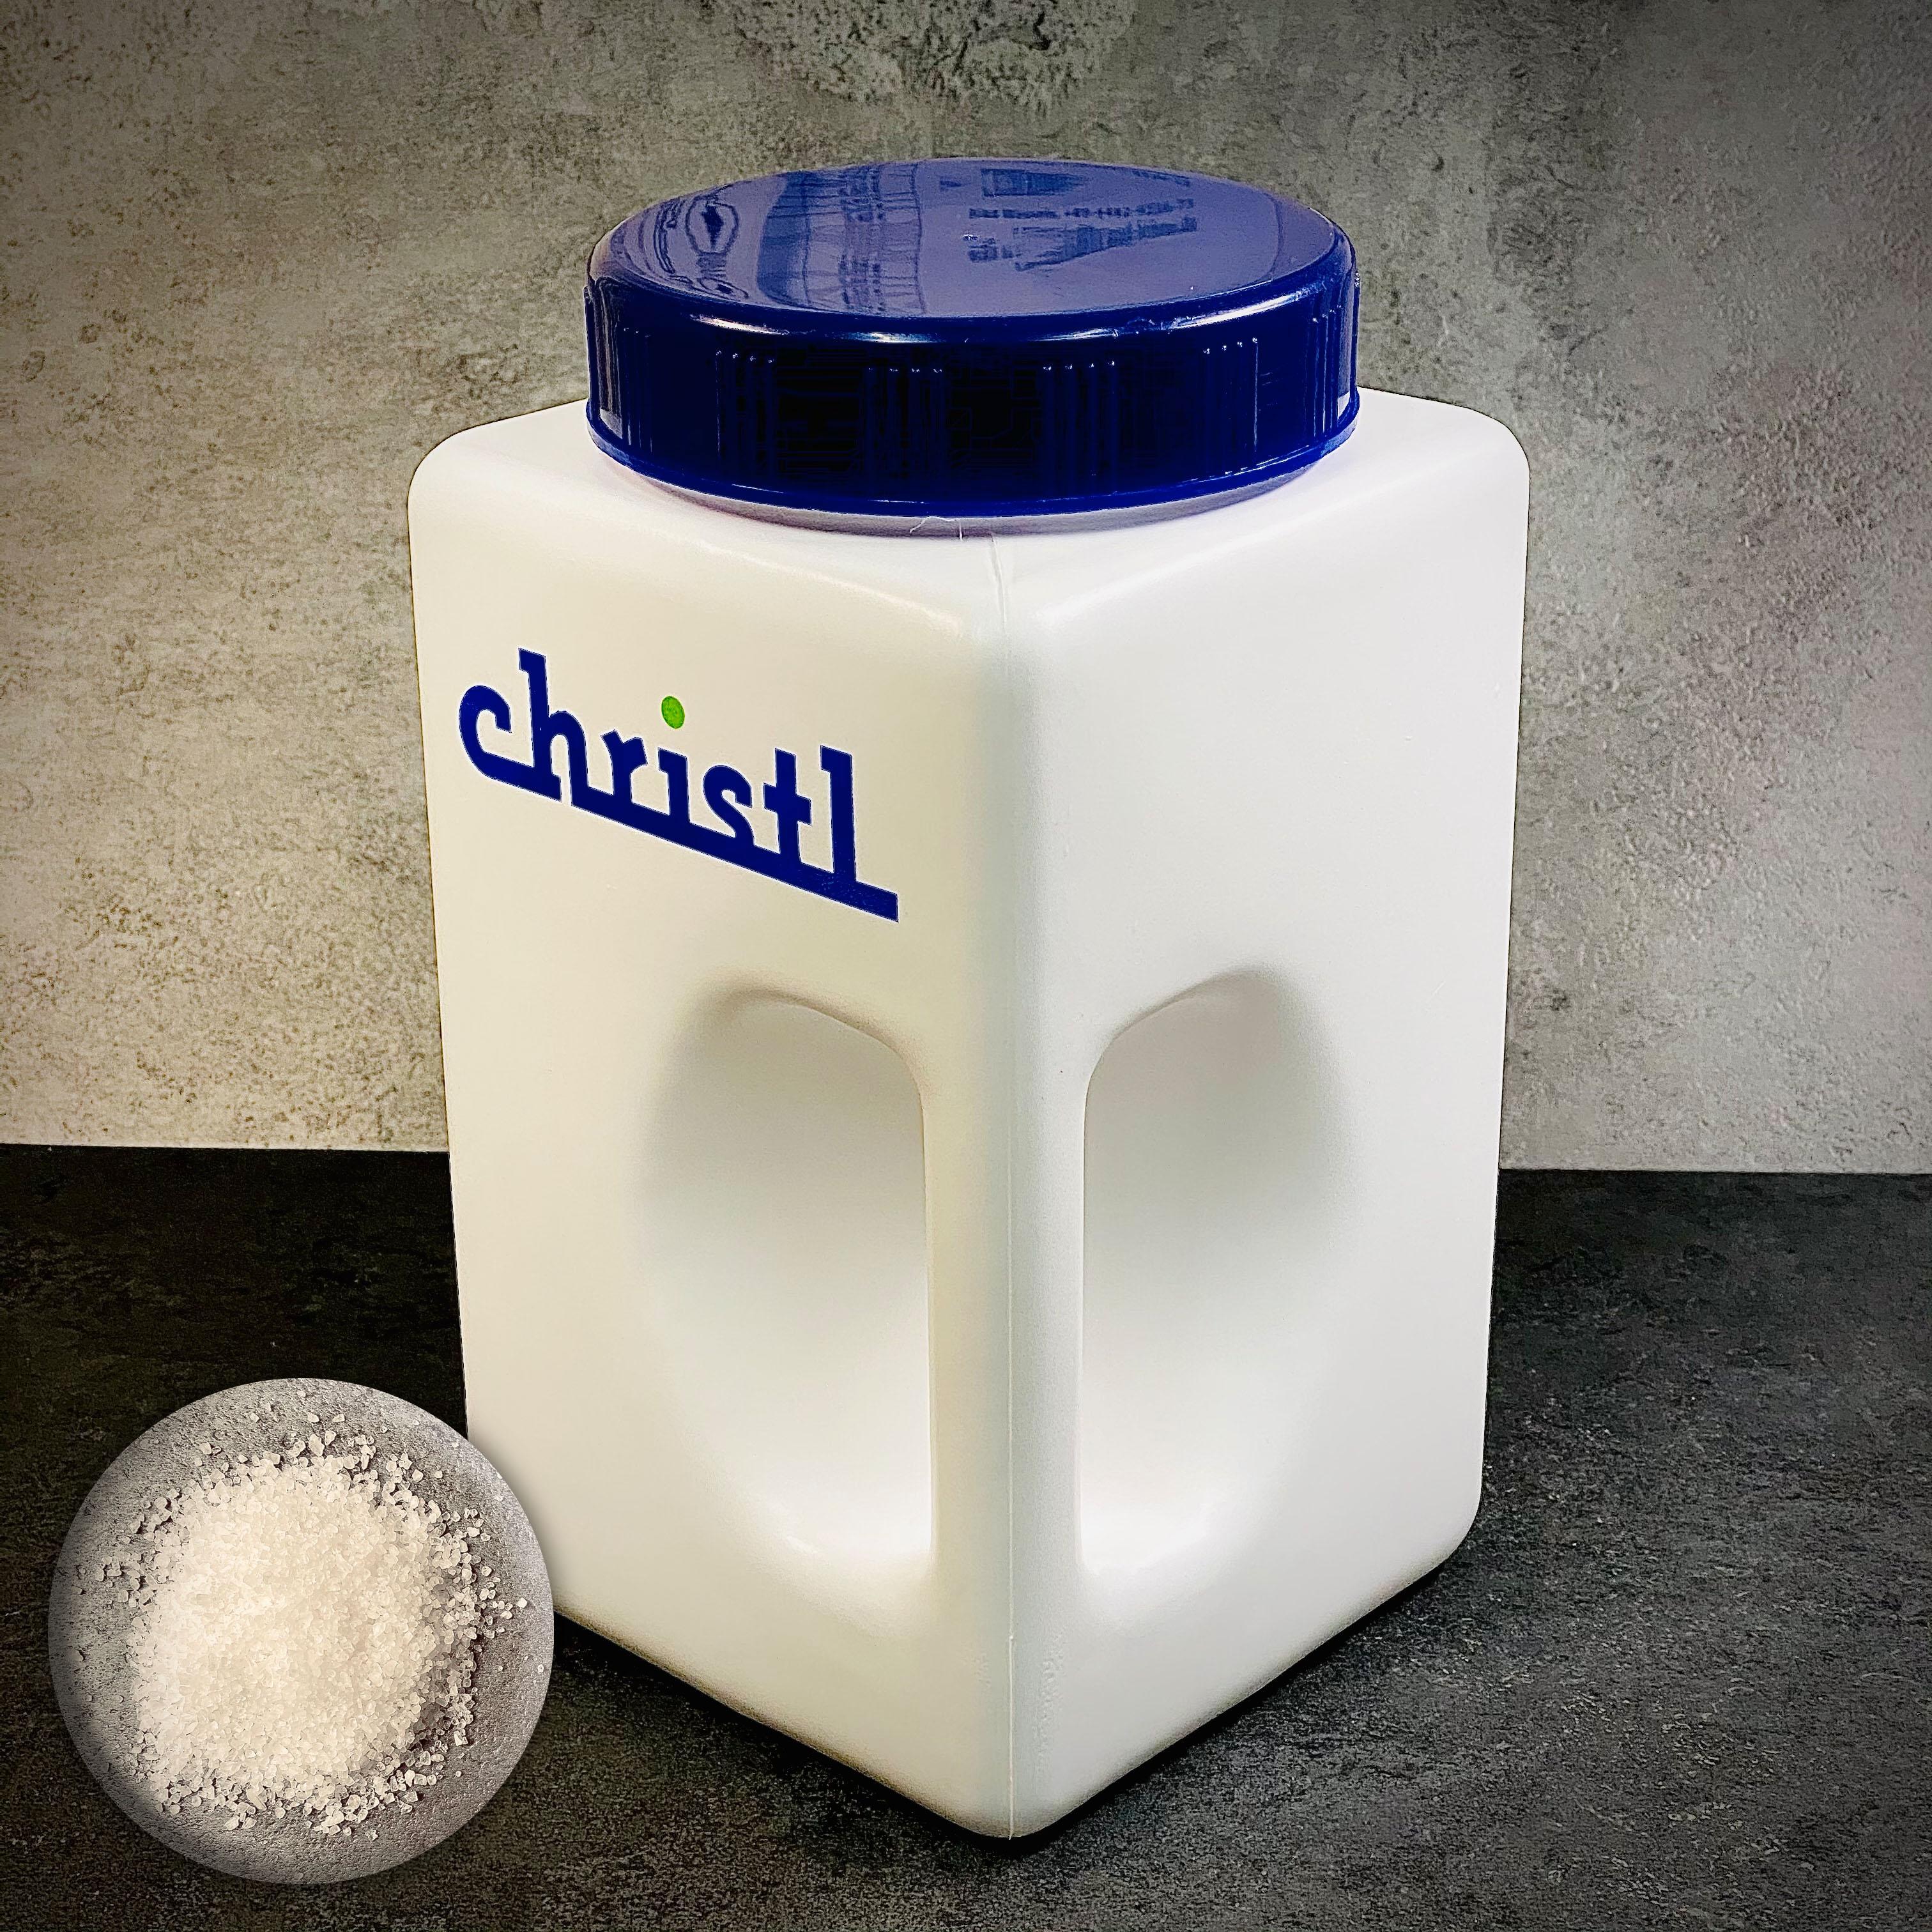 SET // CHRISTL | CHRISALE Gewürzdose gefüllt mit ca. 3kg feinem Meersalz mit Nitrit